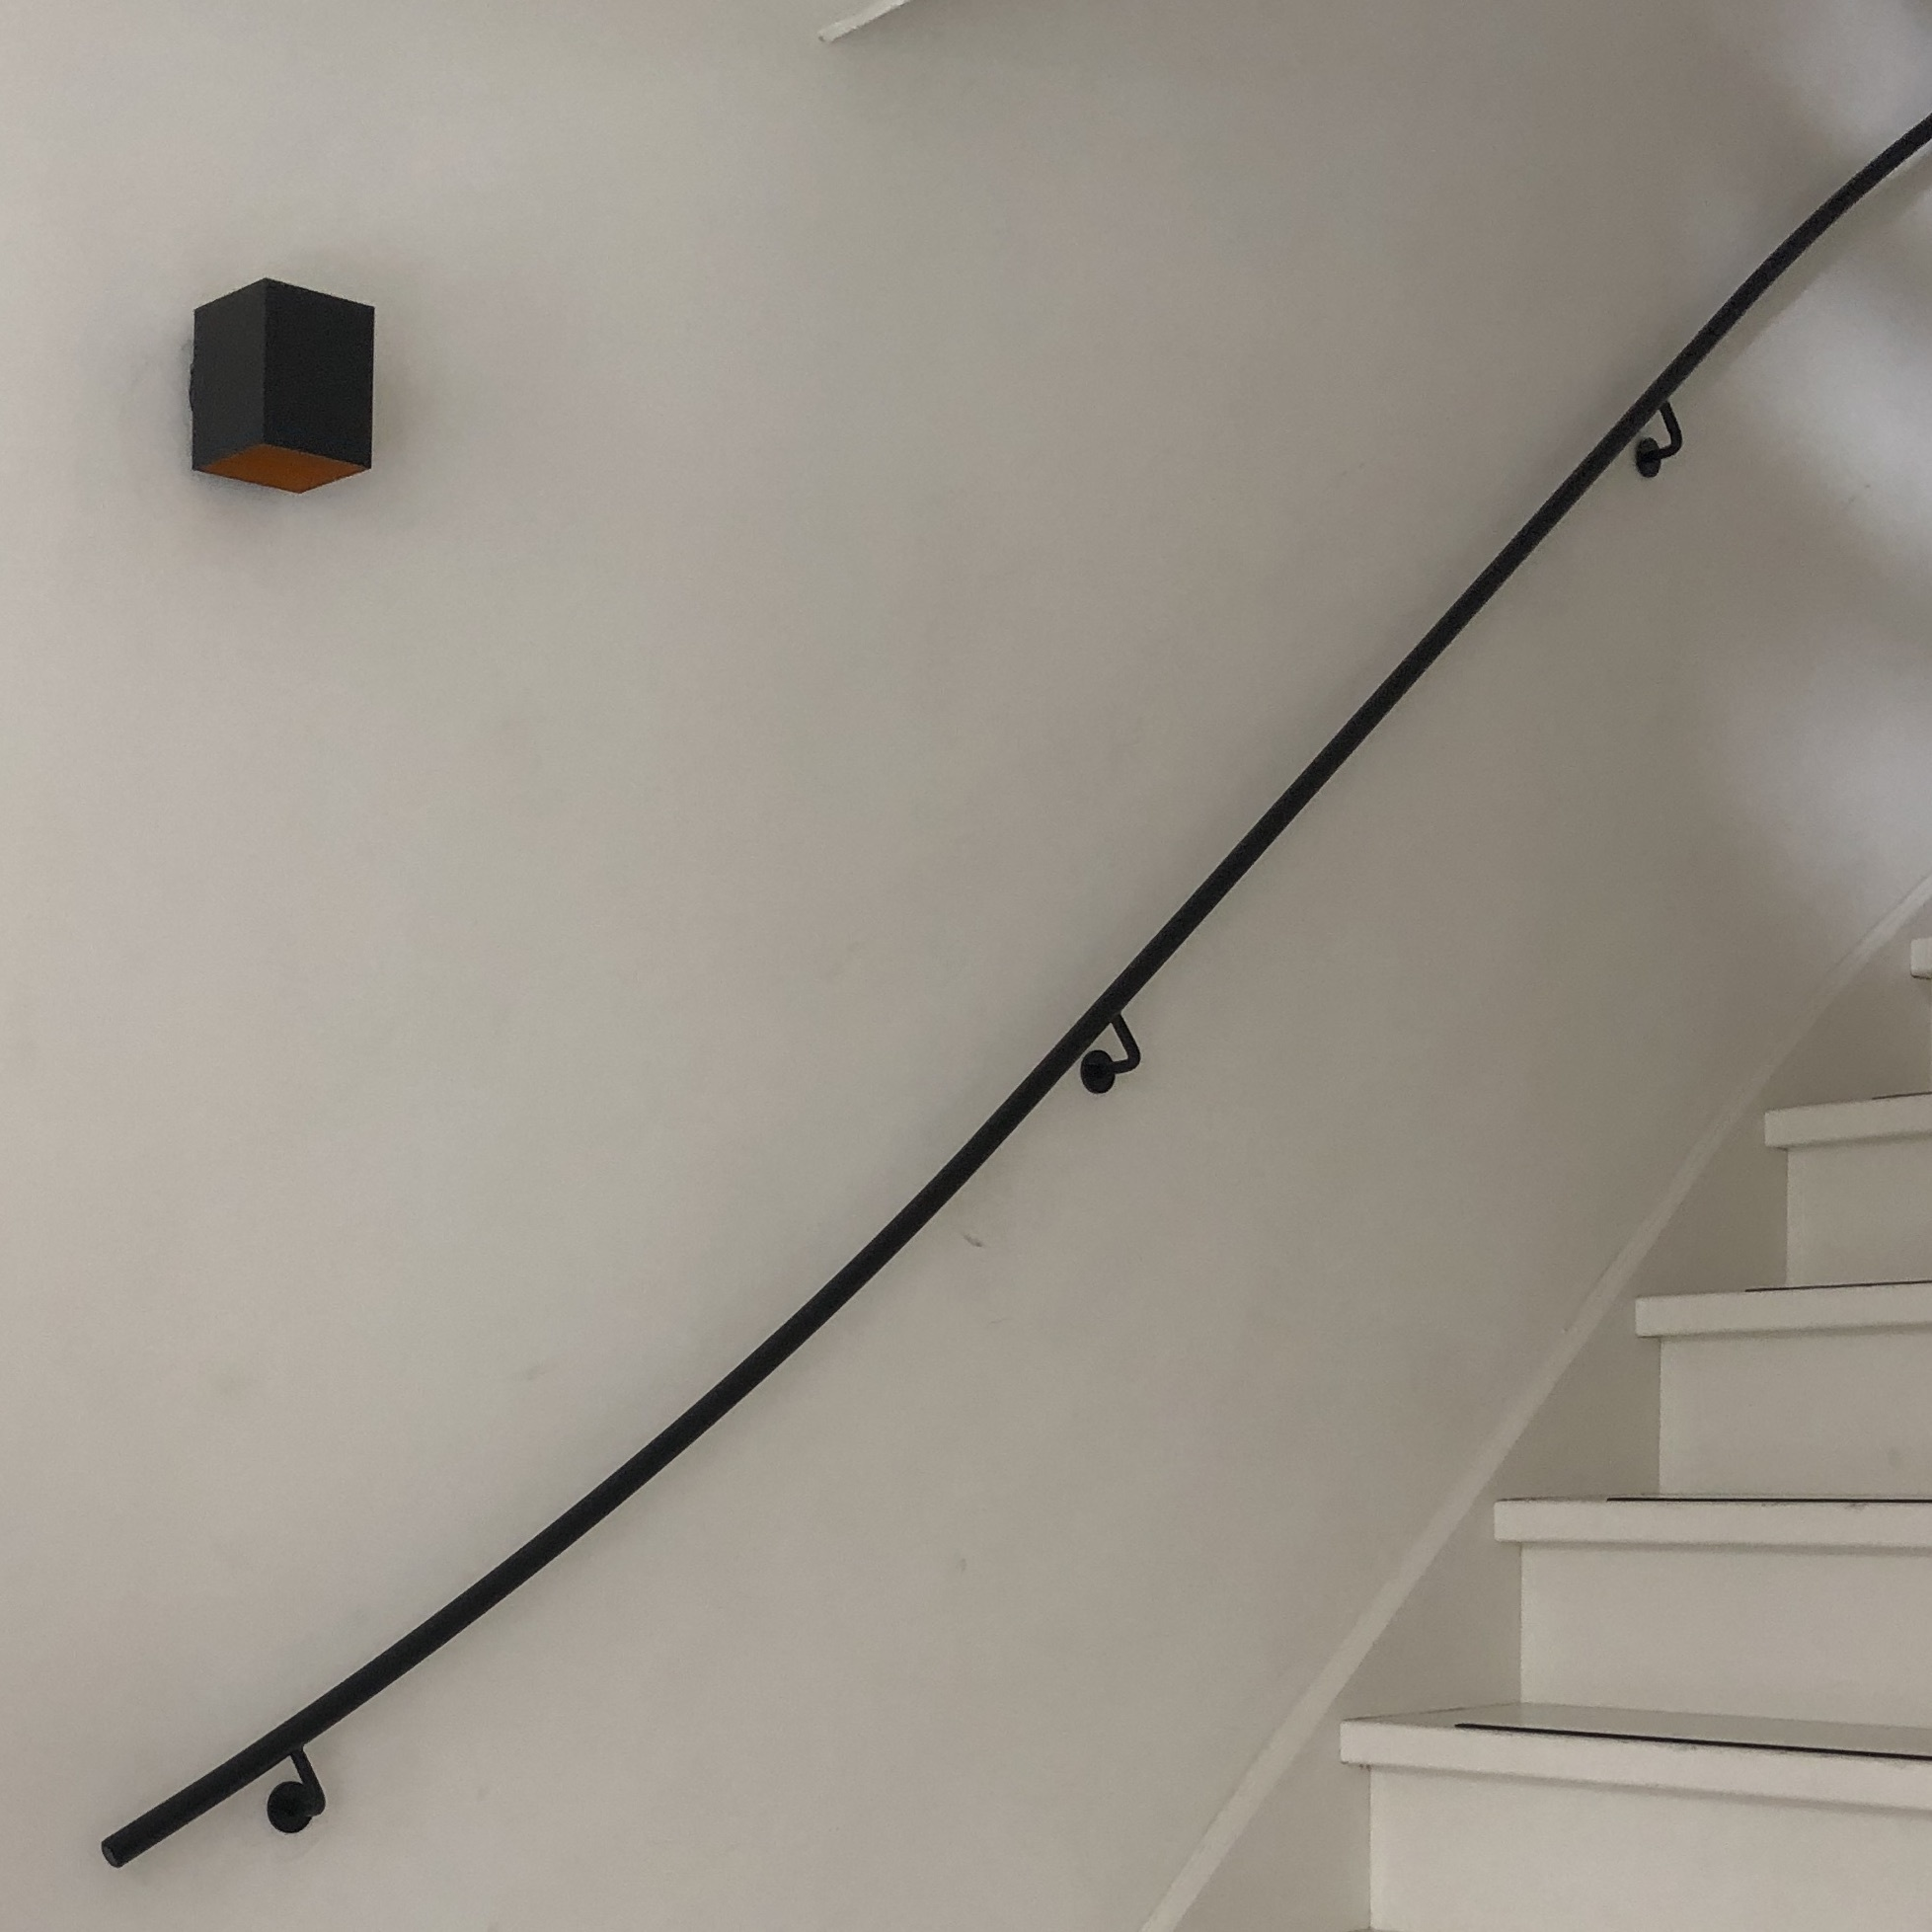 Smeedijzeren trapleuning rond 20 mm massief - ZWART gecoat - Incl. ronde dragers (blind) met rozet - GELAST - Gietijzeren leuning -  fijnstructuur zwart (mat) gecoat incl. (vast)gelaste leuningdragers